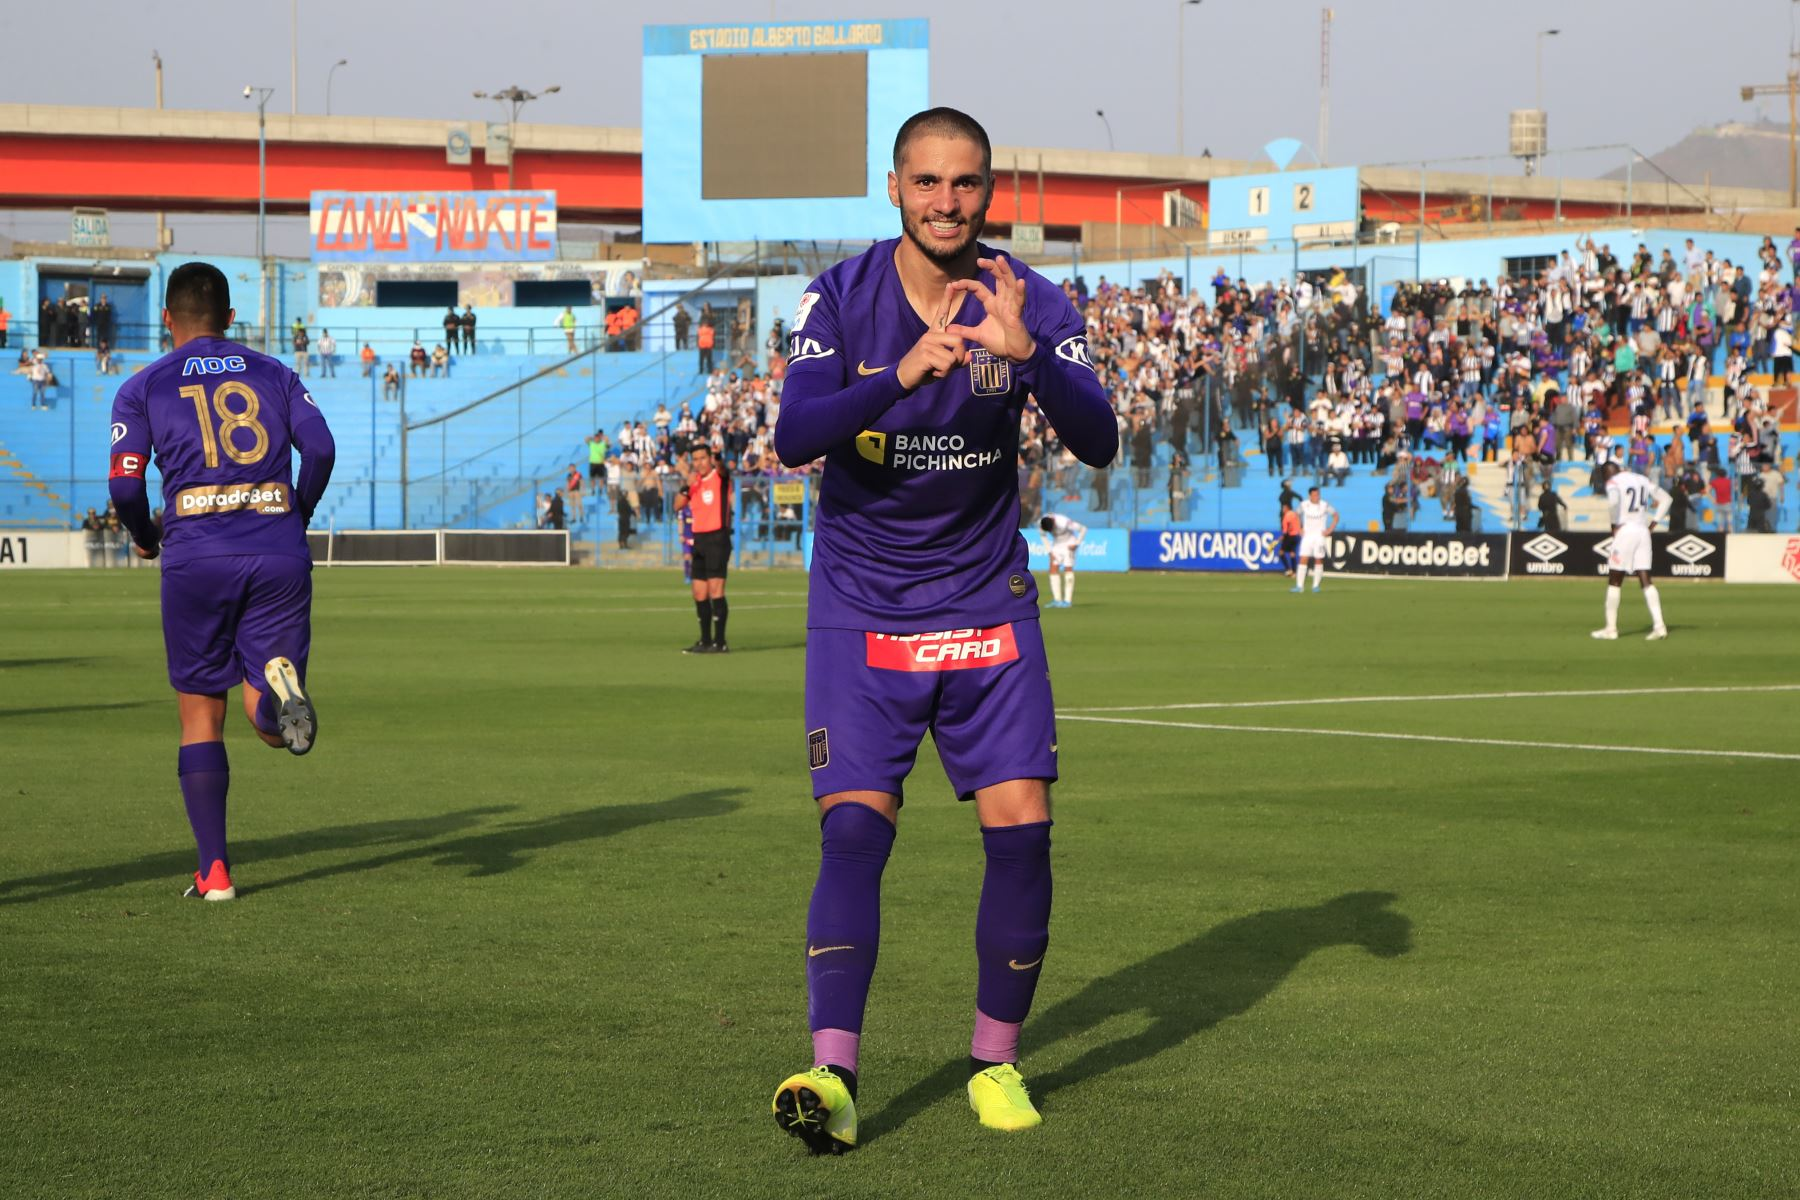 Celebración de Felipe Rodríguez de Alianza Lima luego de anotar  durante el partido contra San Martín jugado en el estadio Alberto Gallardo.          Foto: Andina/Juan Carlos Guzmán Negrini